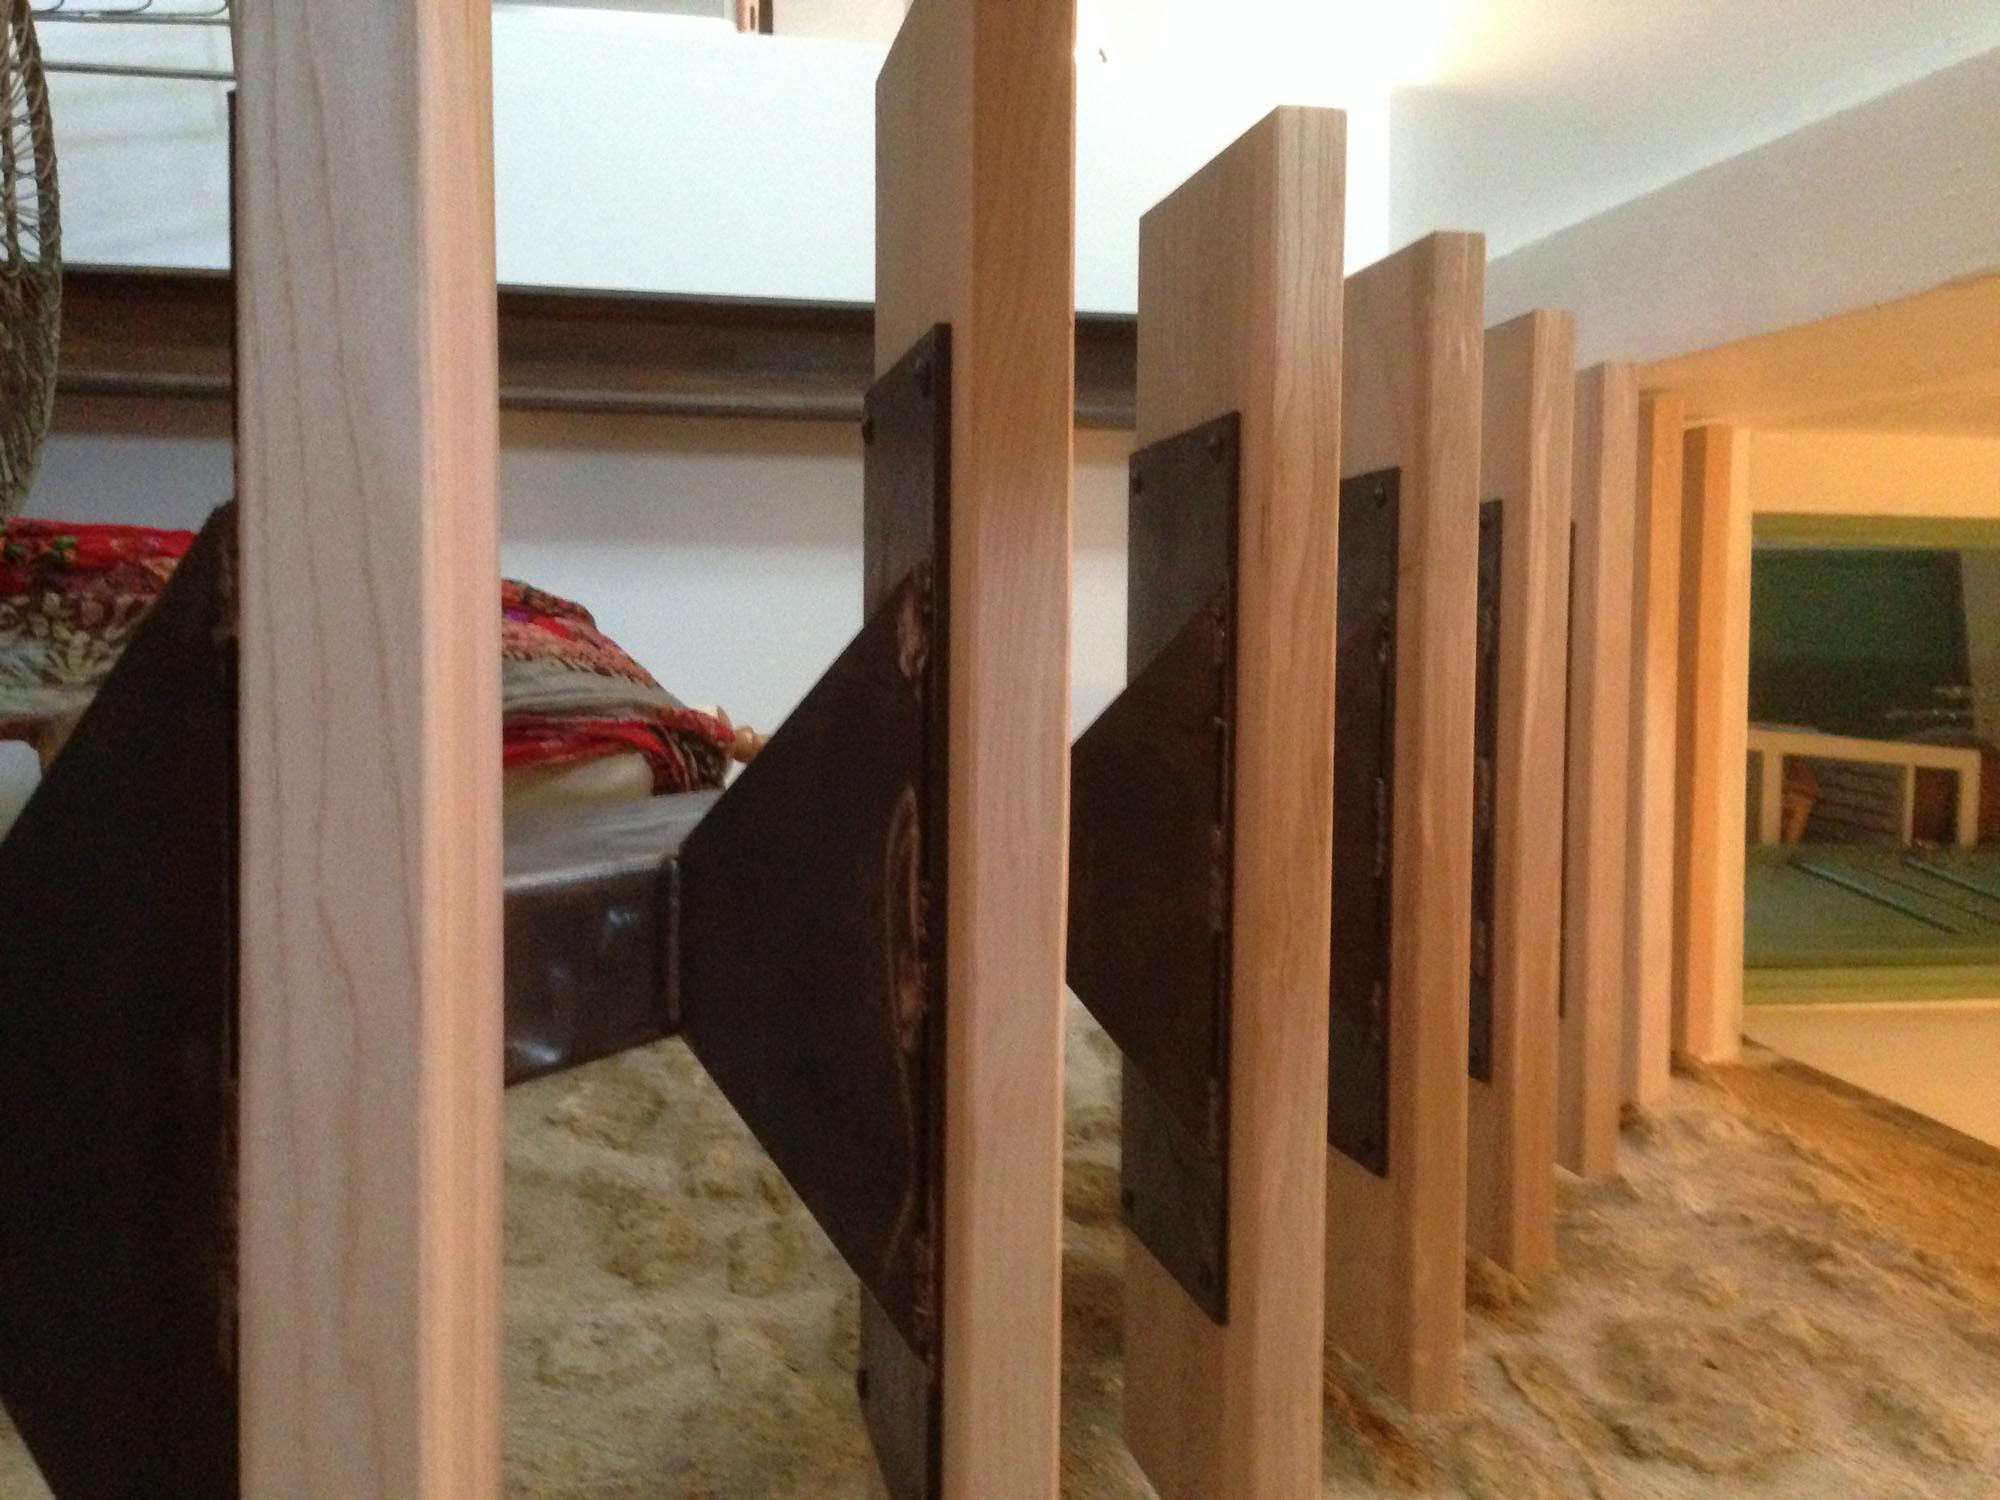 escalier marche verre ou bois marseille 13 les pennes. Black Bedroom Furniture Sets. Home Design Ideas